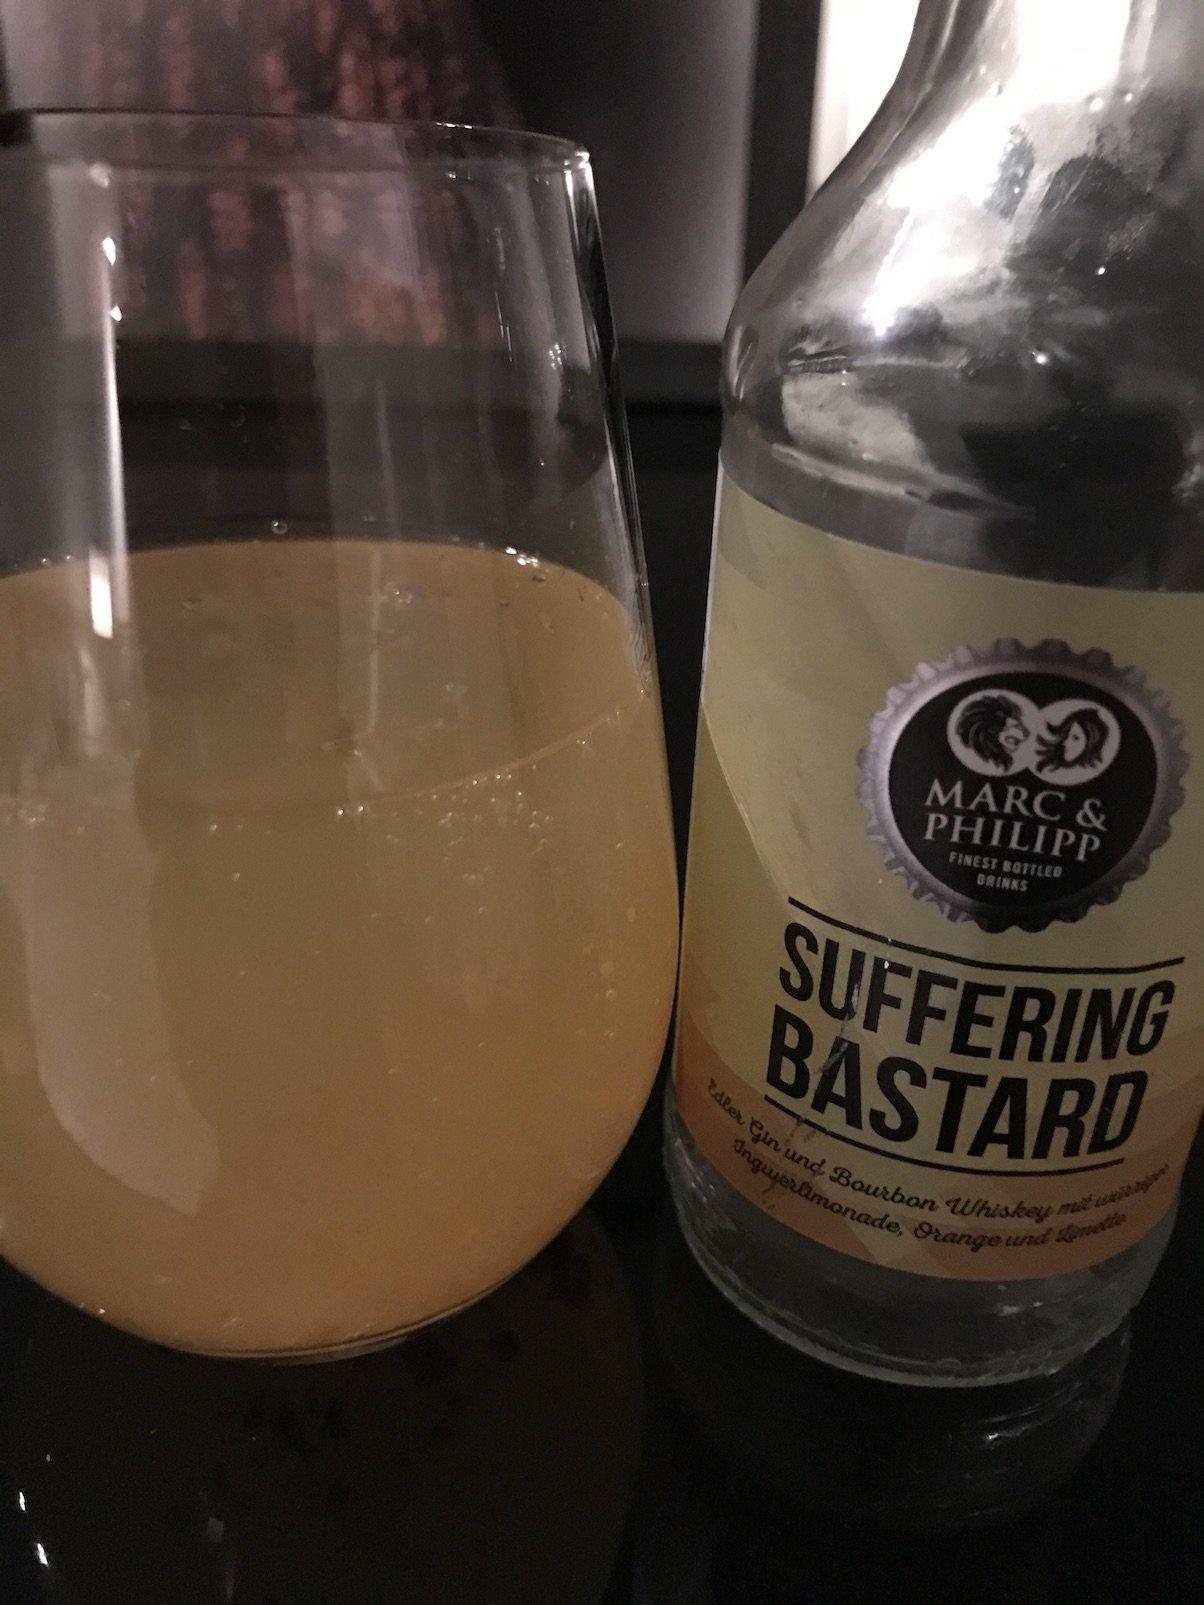 Suffering Bastard - ein Cocktail aus Gin, Bourbon und Ingwerlimonade. Verdammt lecker!